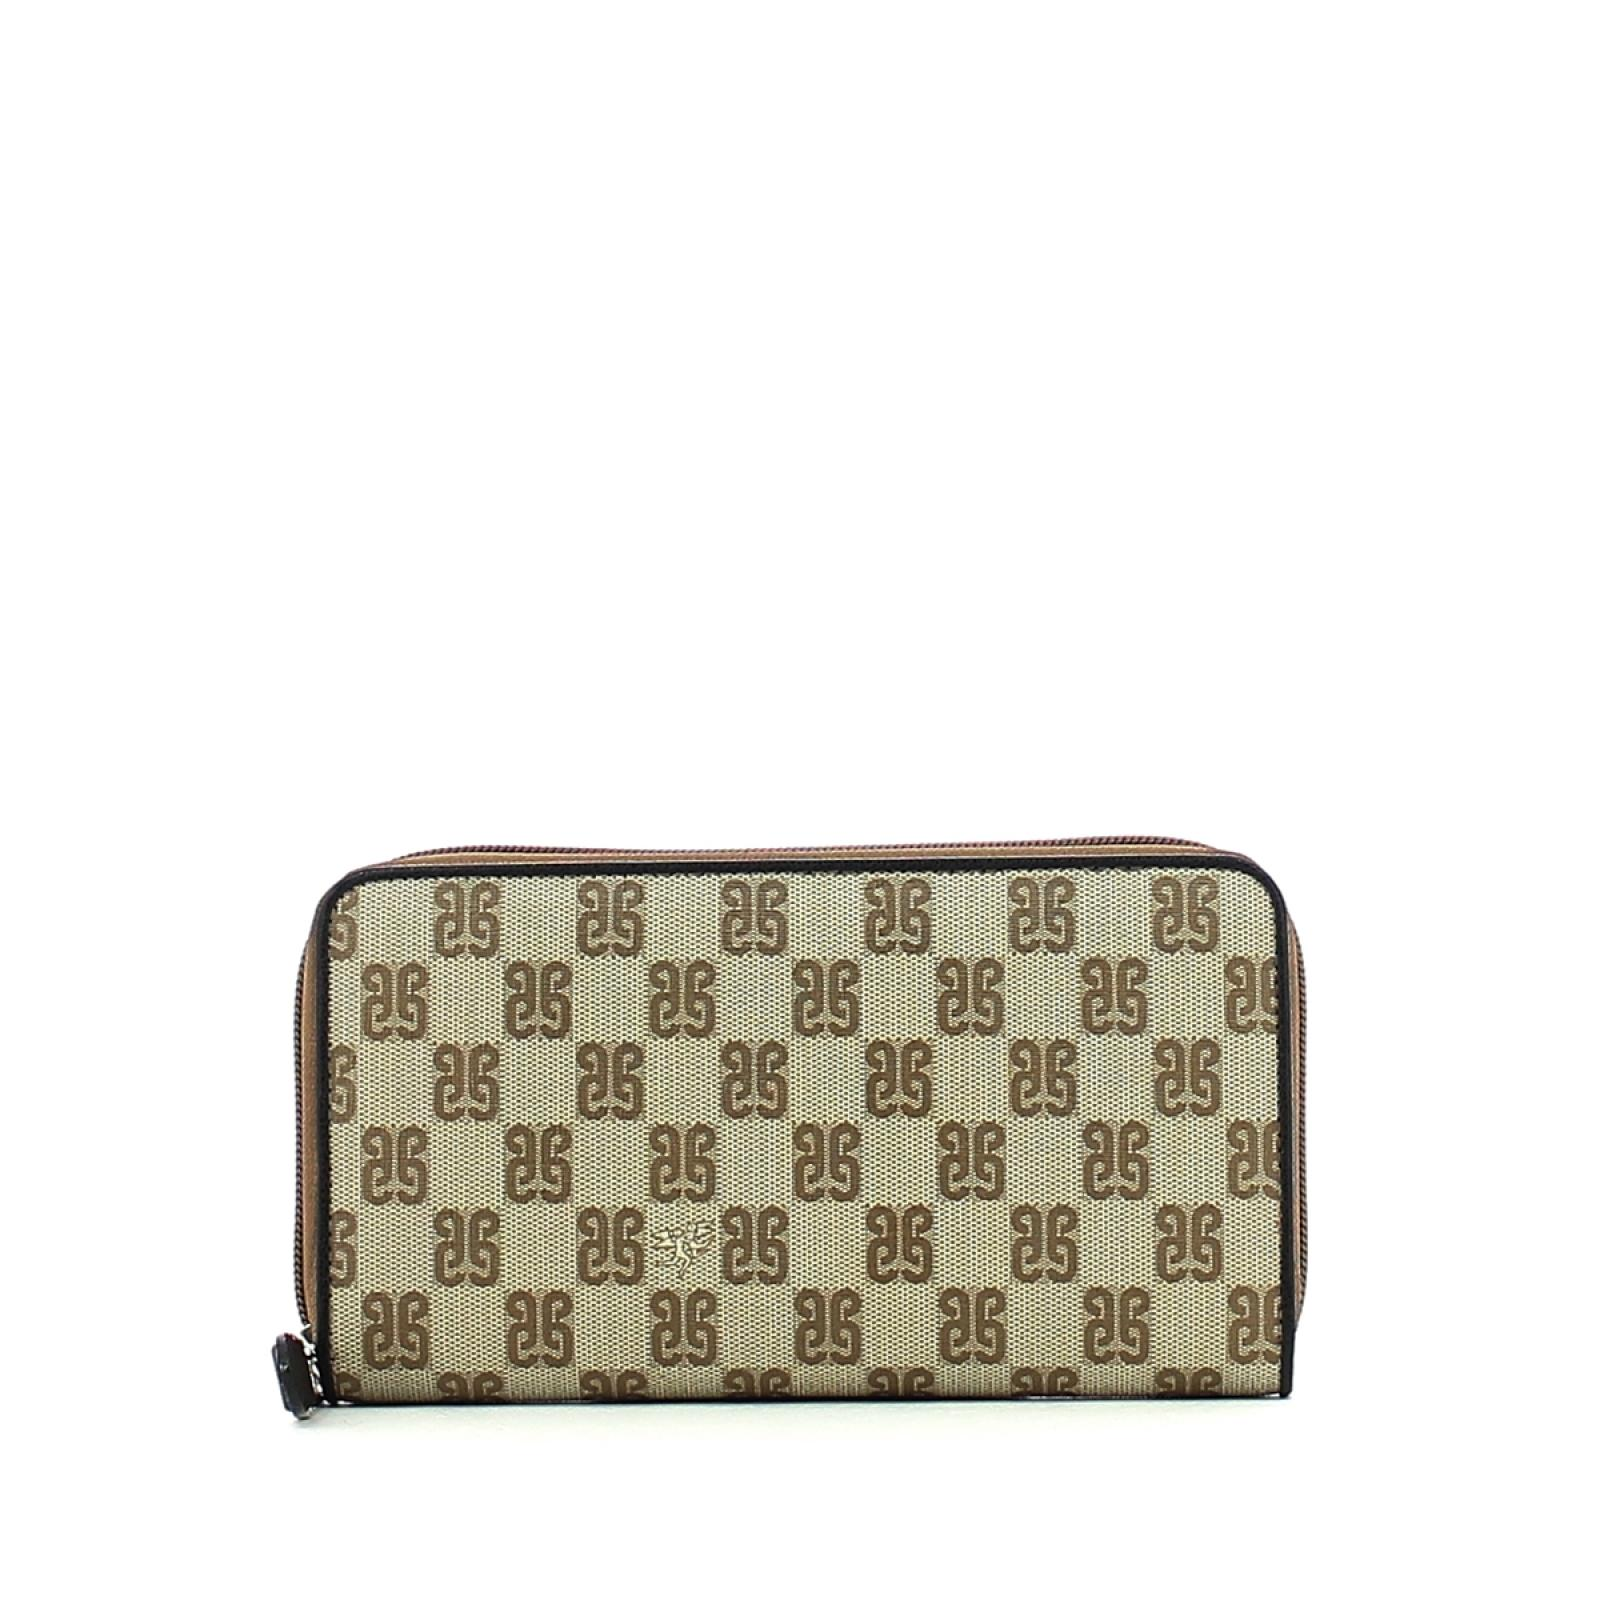 Wallet Zip Monogram-NERO-UN